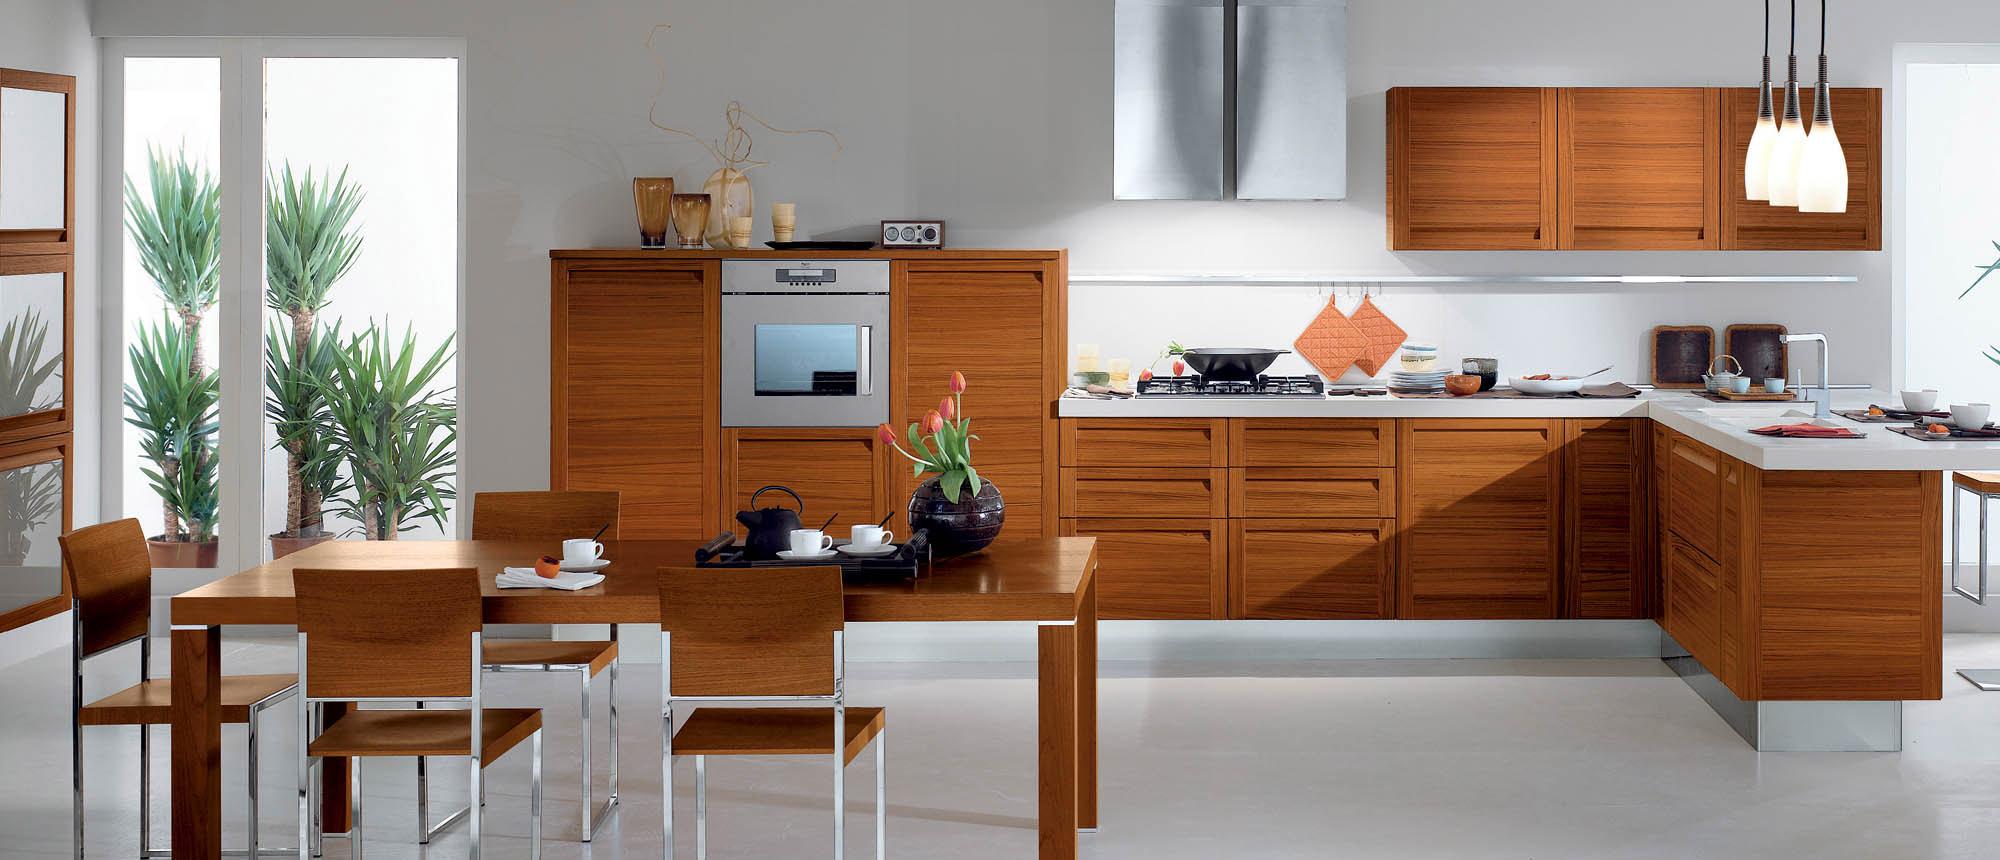 Kitchens   Arredamenti TreO